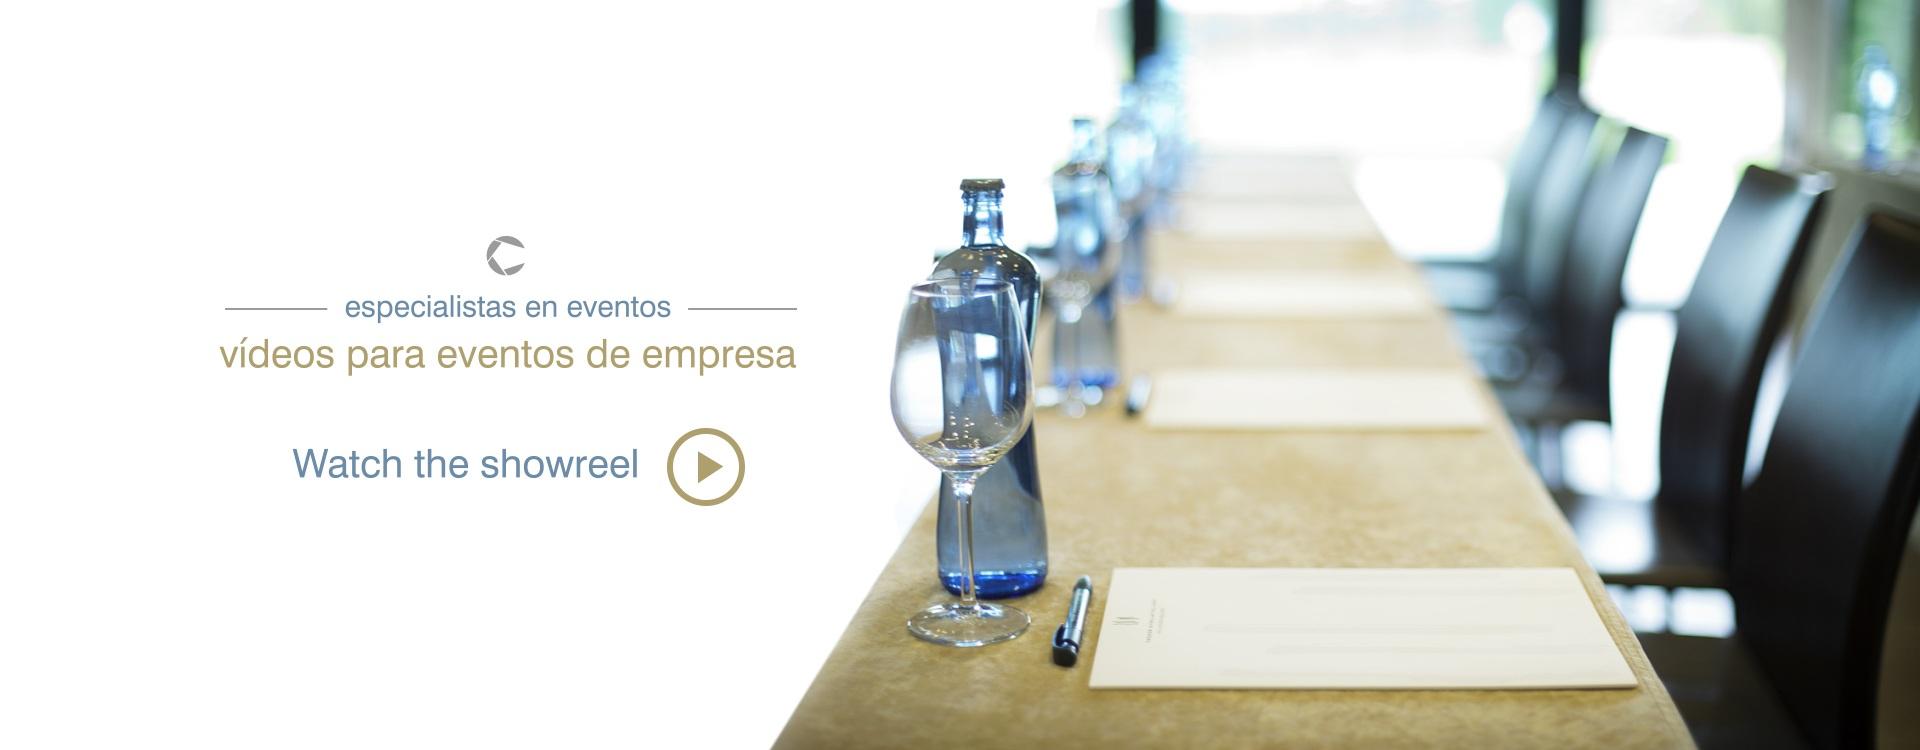 Videos-eventos-de-empresa-PerfectPixel-Publicidad-ShowReel-2015-2016-Agencia-de-Publicidad-en-Madrid